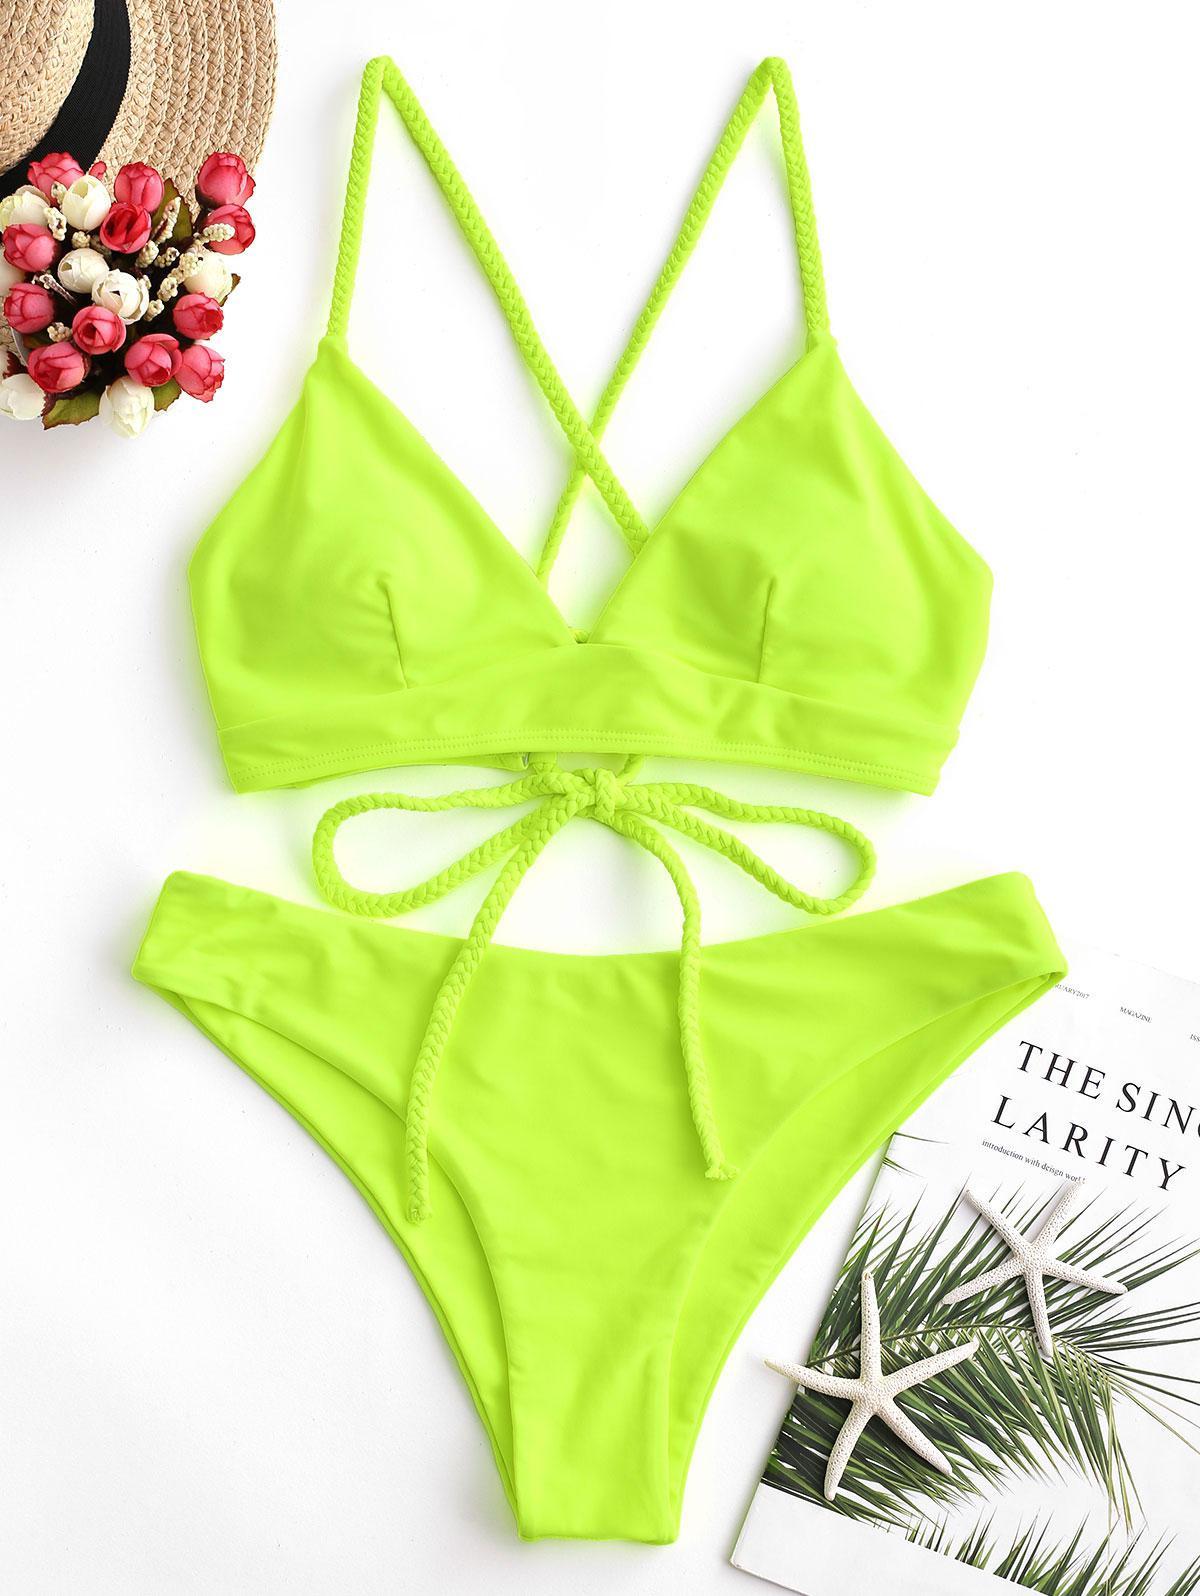 ZAFUL Braided Lace Up Plain Bikini Swimsuit thumbnail